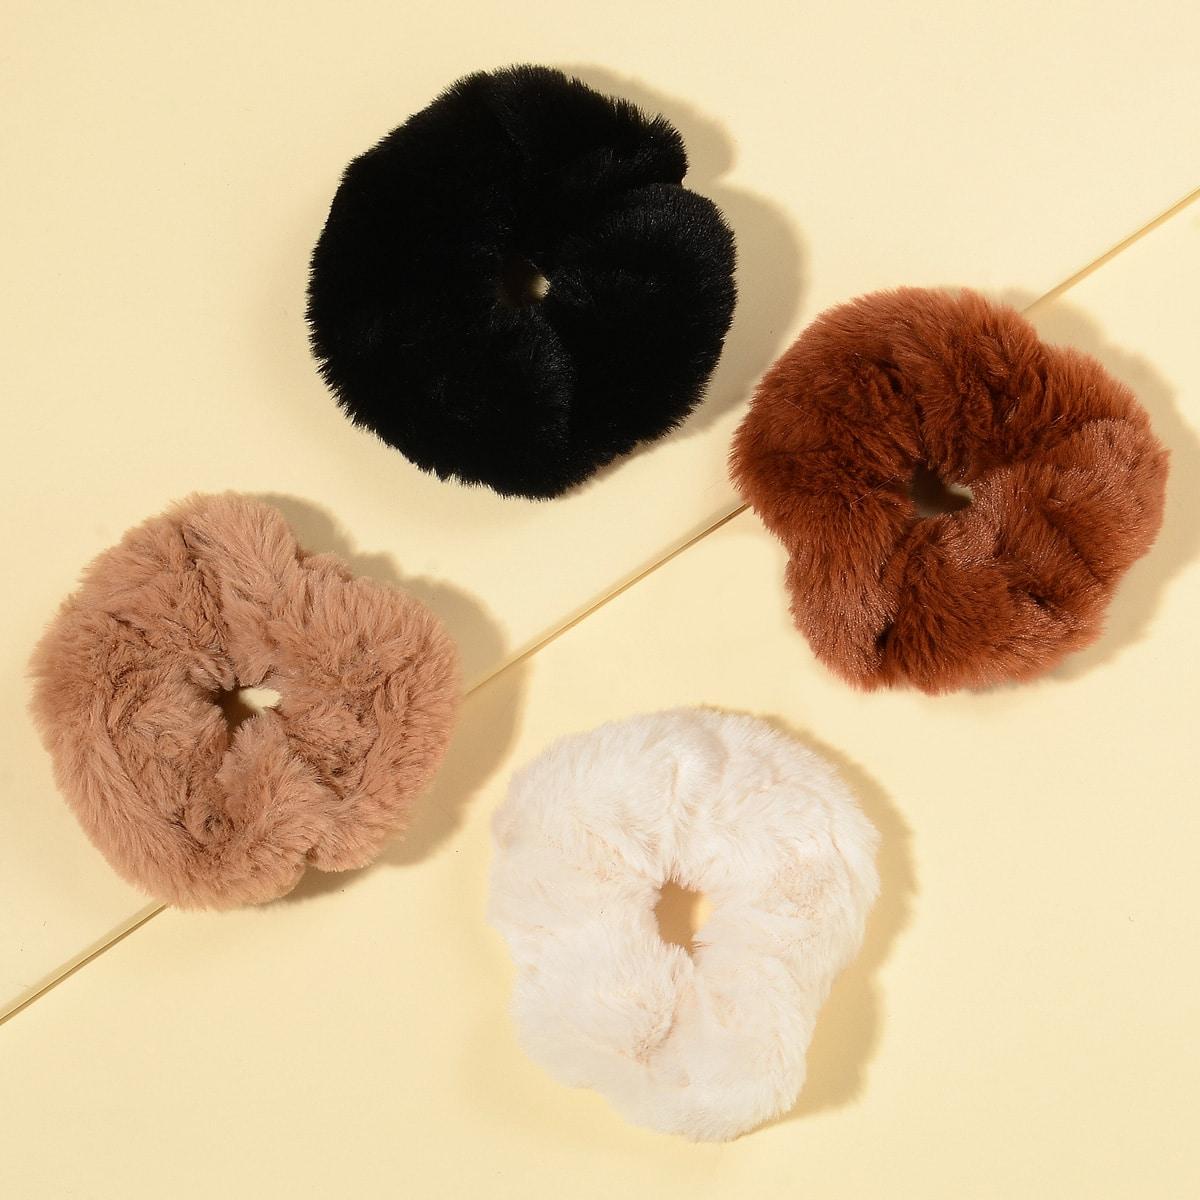 4шт плюшевая резинка для волос от SHEIN